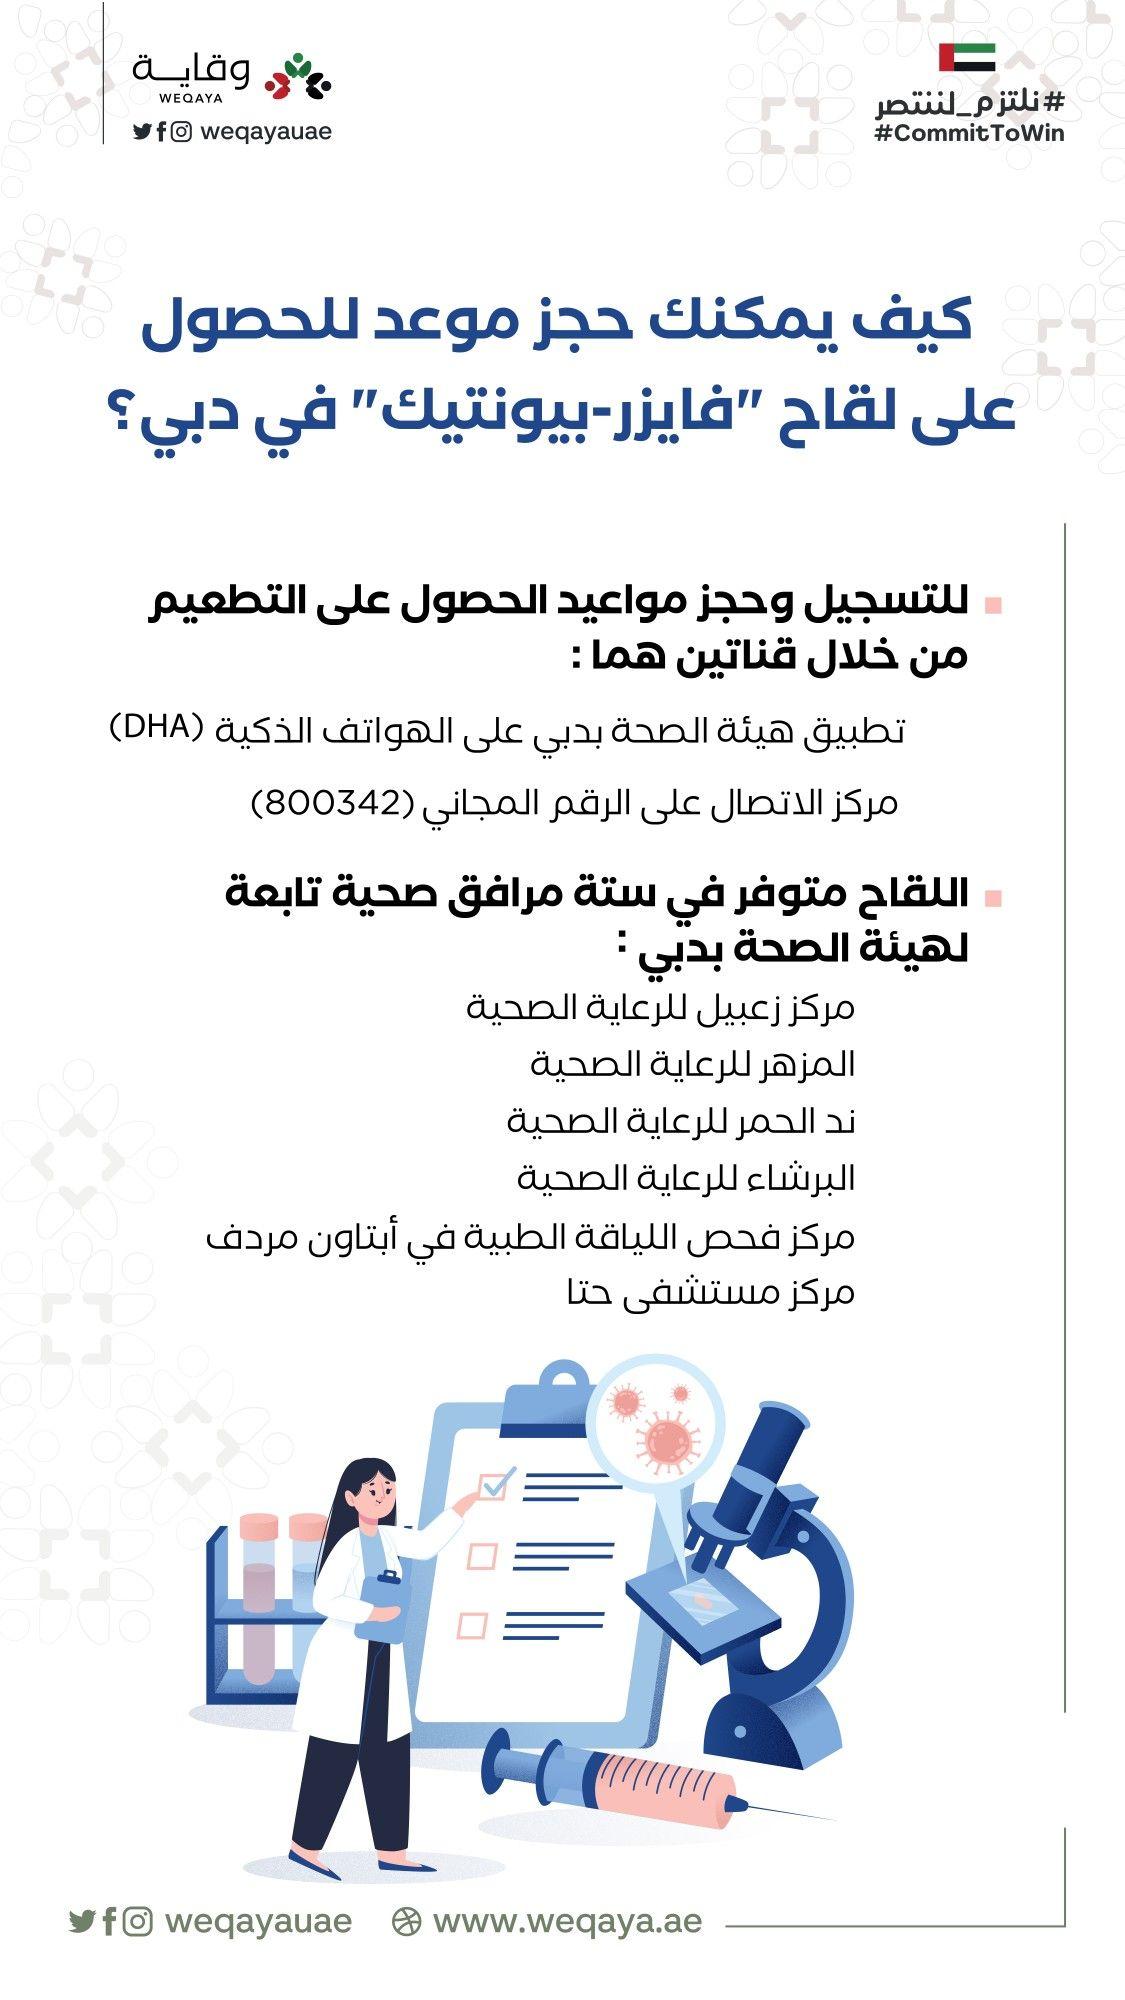 كيف يمكنك حجز موعد للحصول على لقاح فايزر بيونتيك في دبي Gubi Pals Commitment